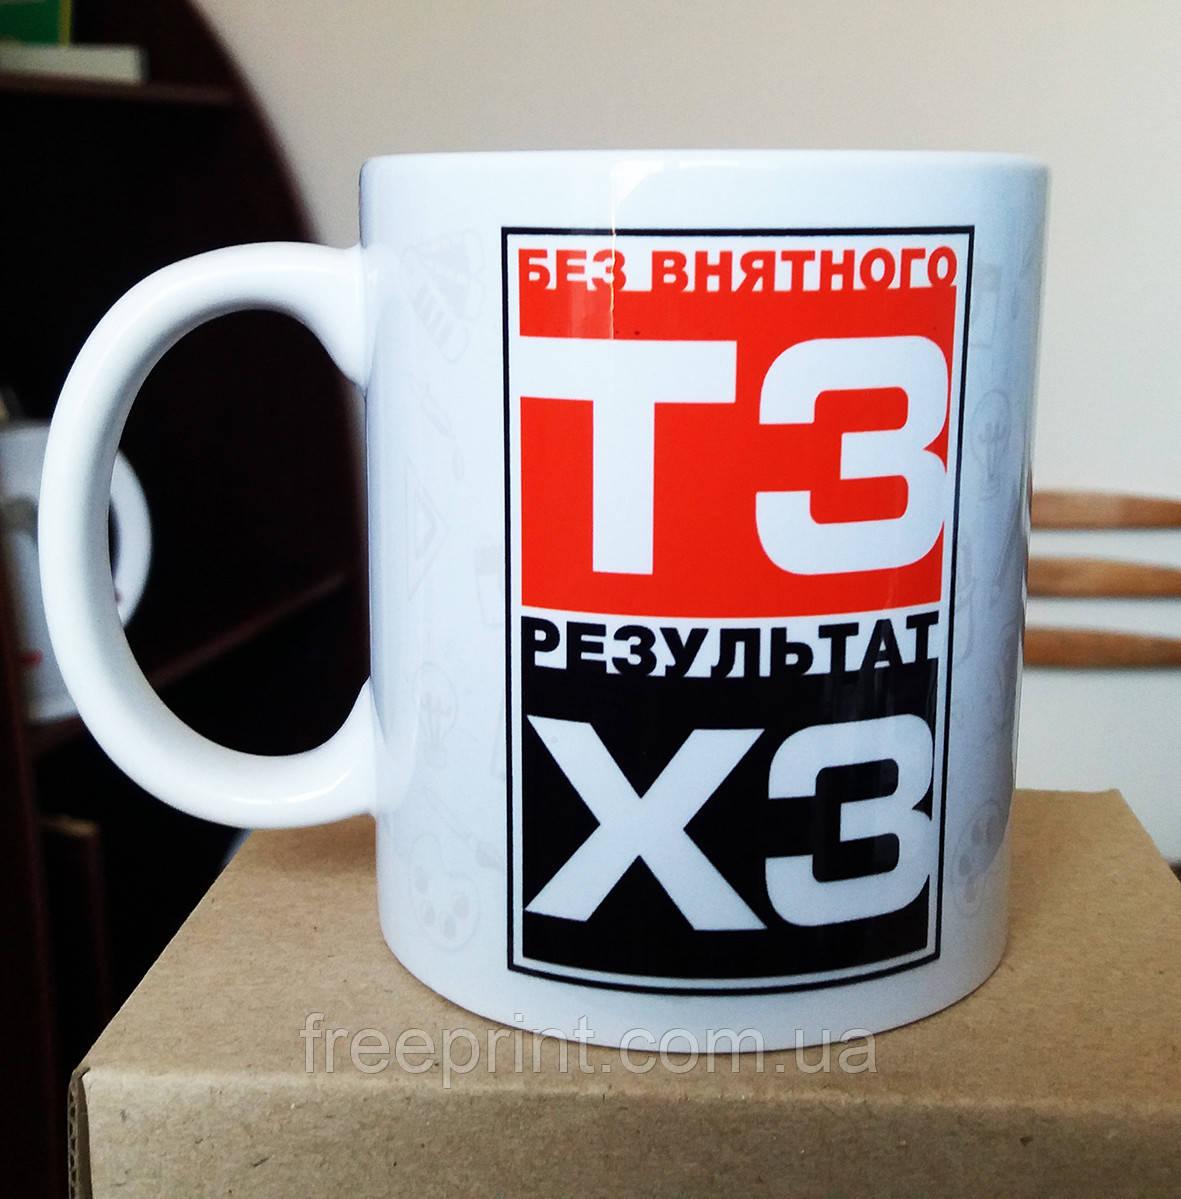 """Чашка-прикол """"Без внятного ТЗ результат ХЗ"""" Для категории 18+. Печать на чашках, кружках."""